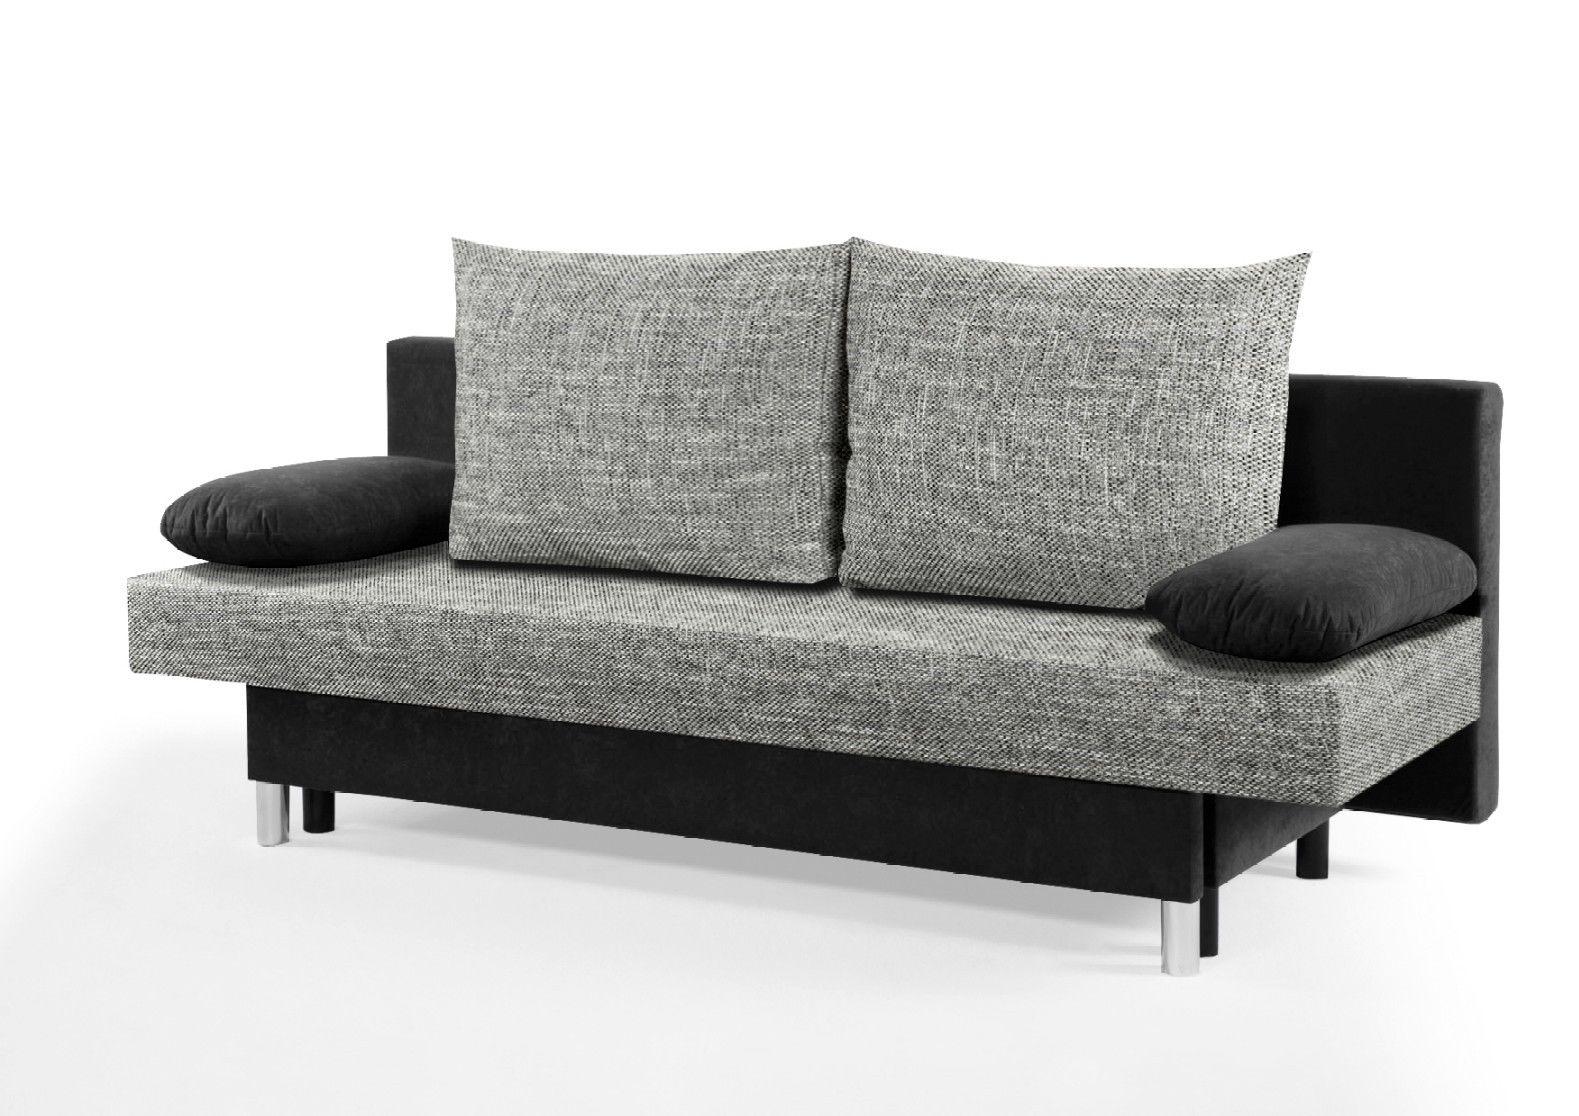 Schlafsofa Schlafcouch Couch Sofa Bett Liege Microfaser Schwarz Grau